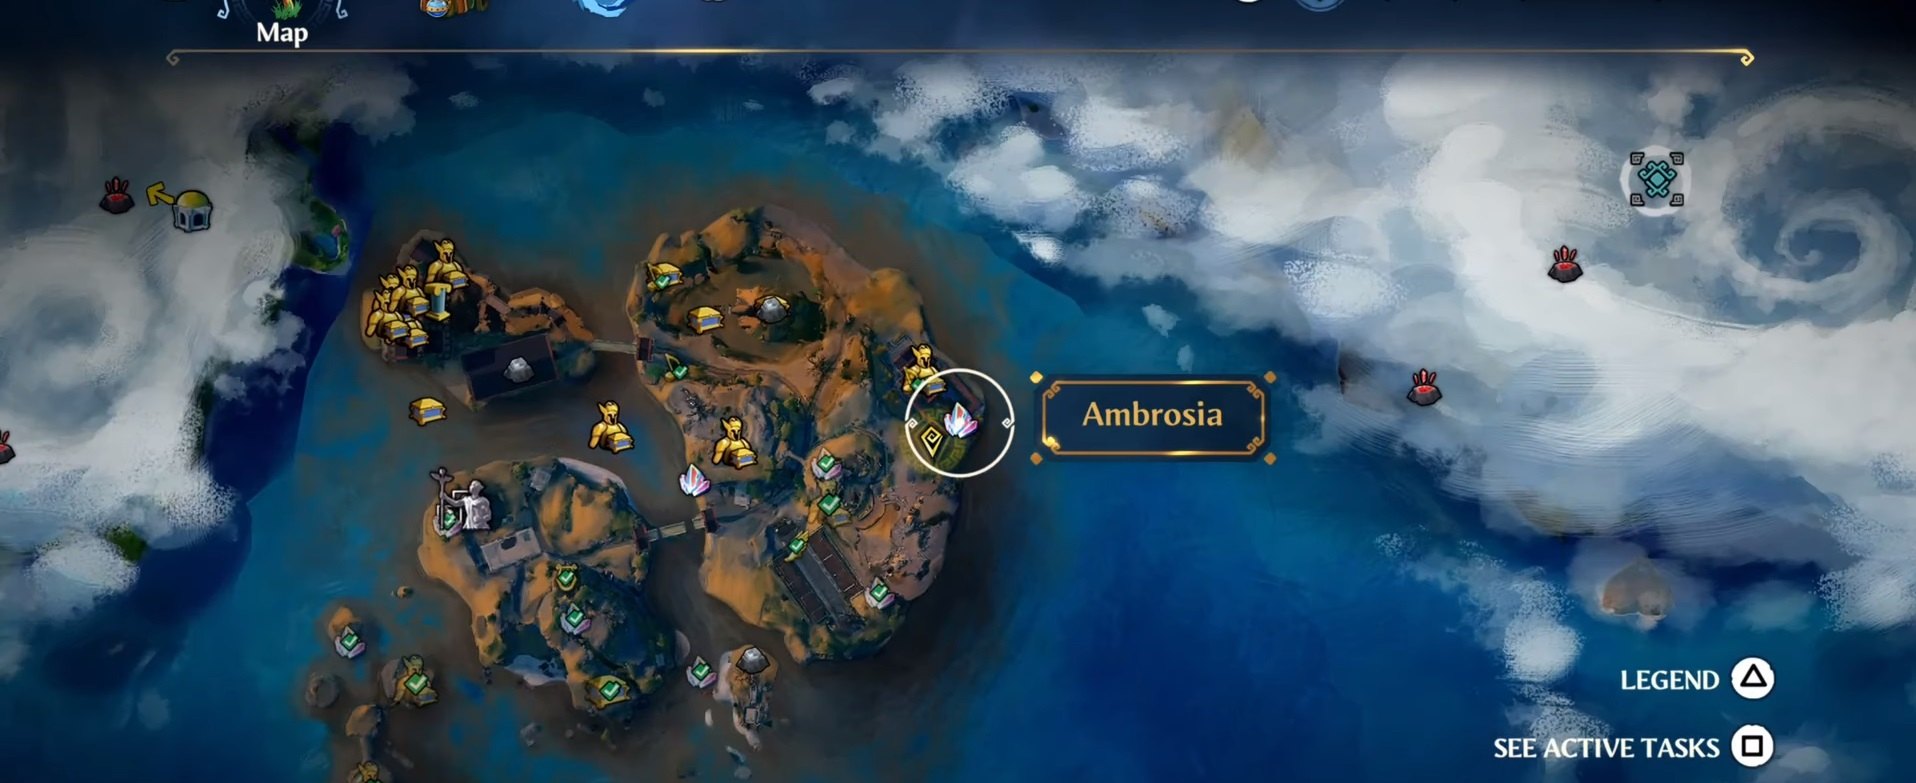 immortals Fenyx Rising Ambrosia 7